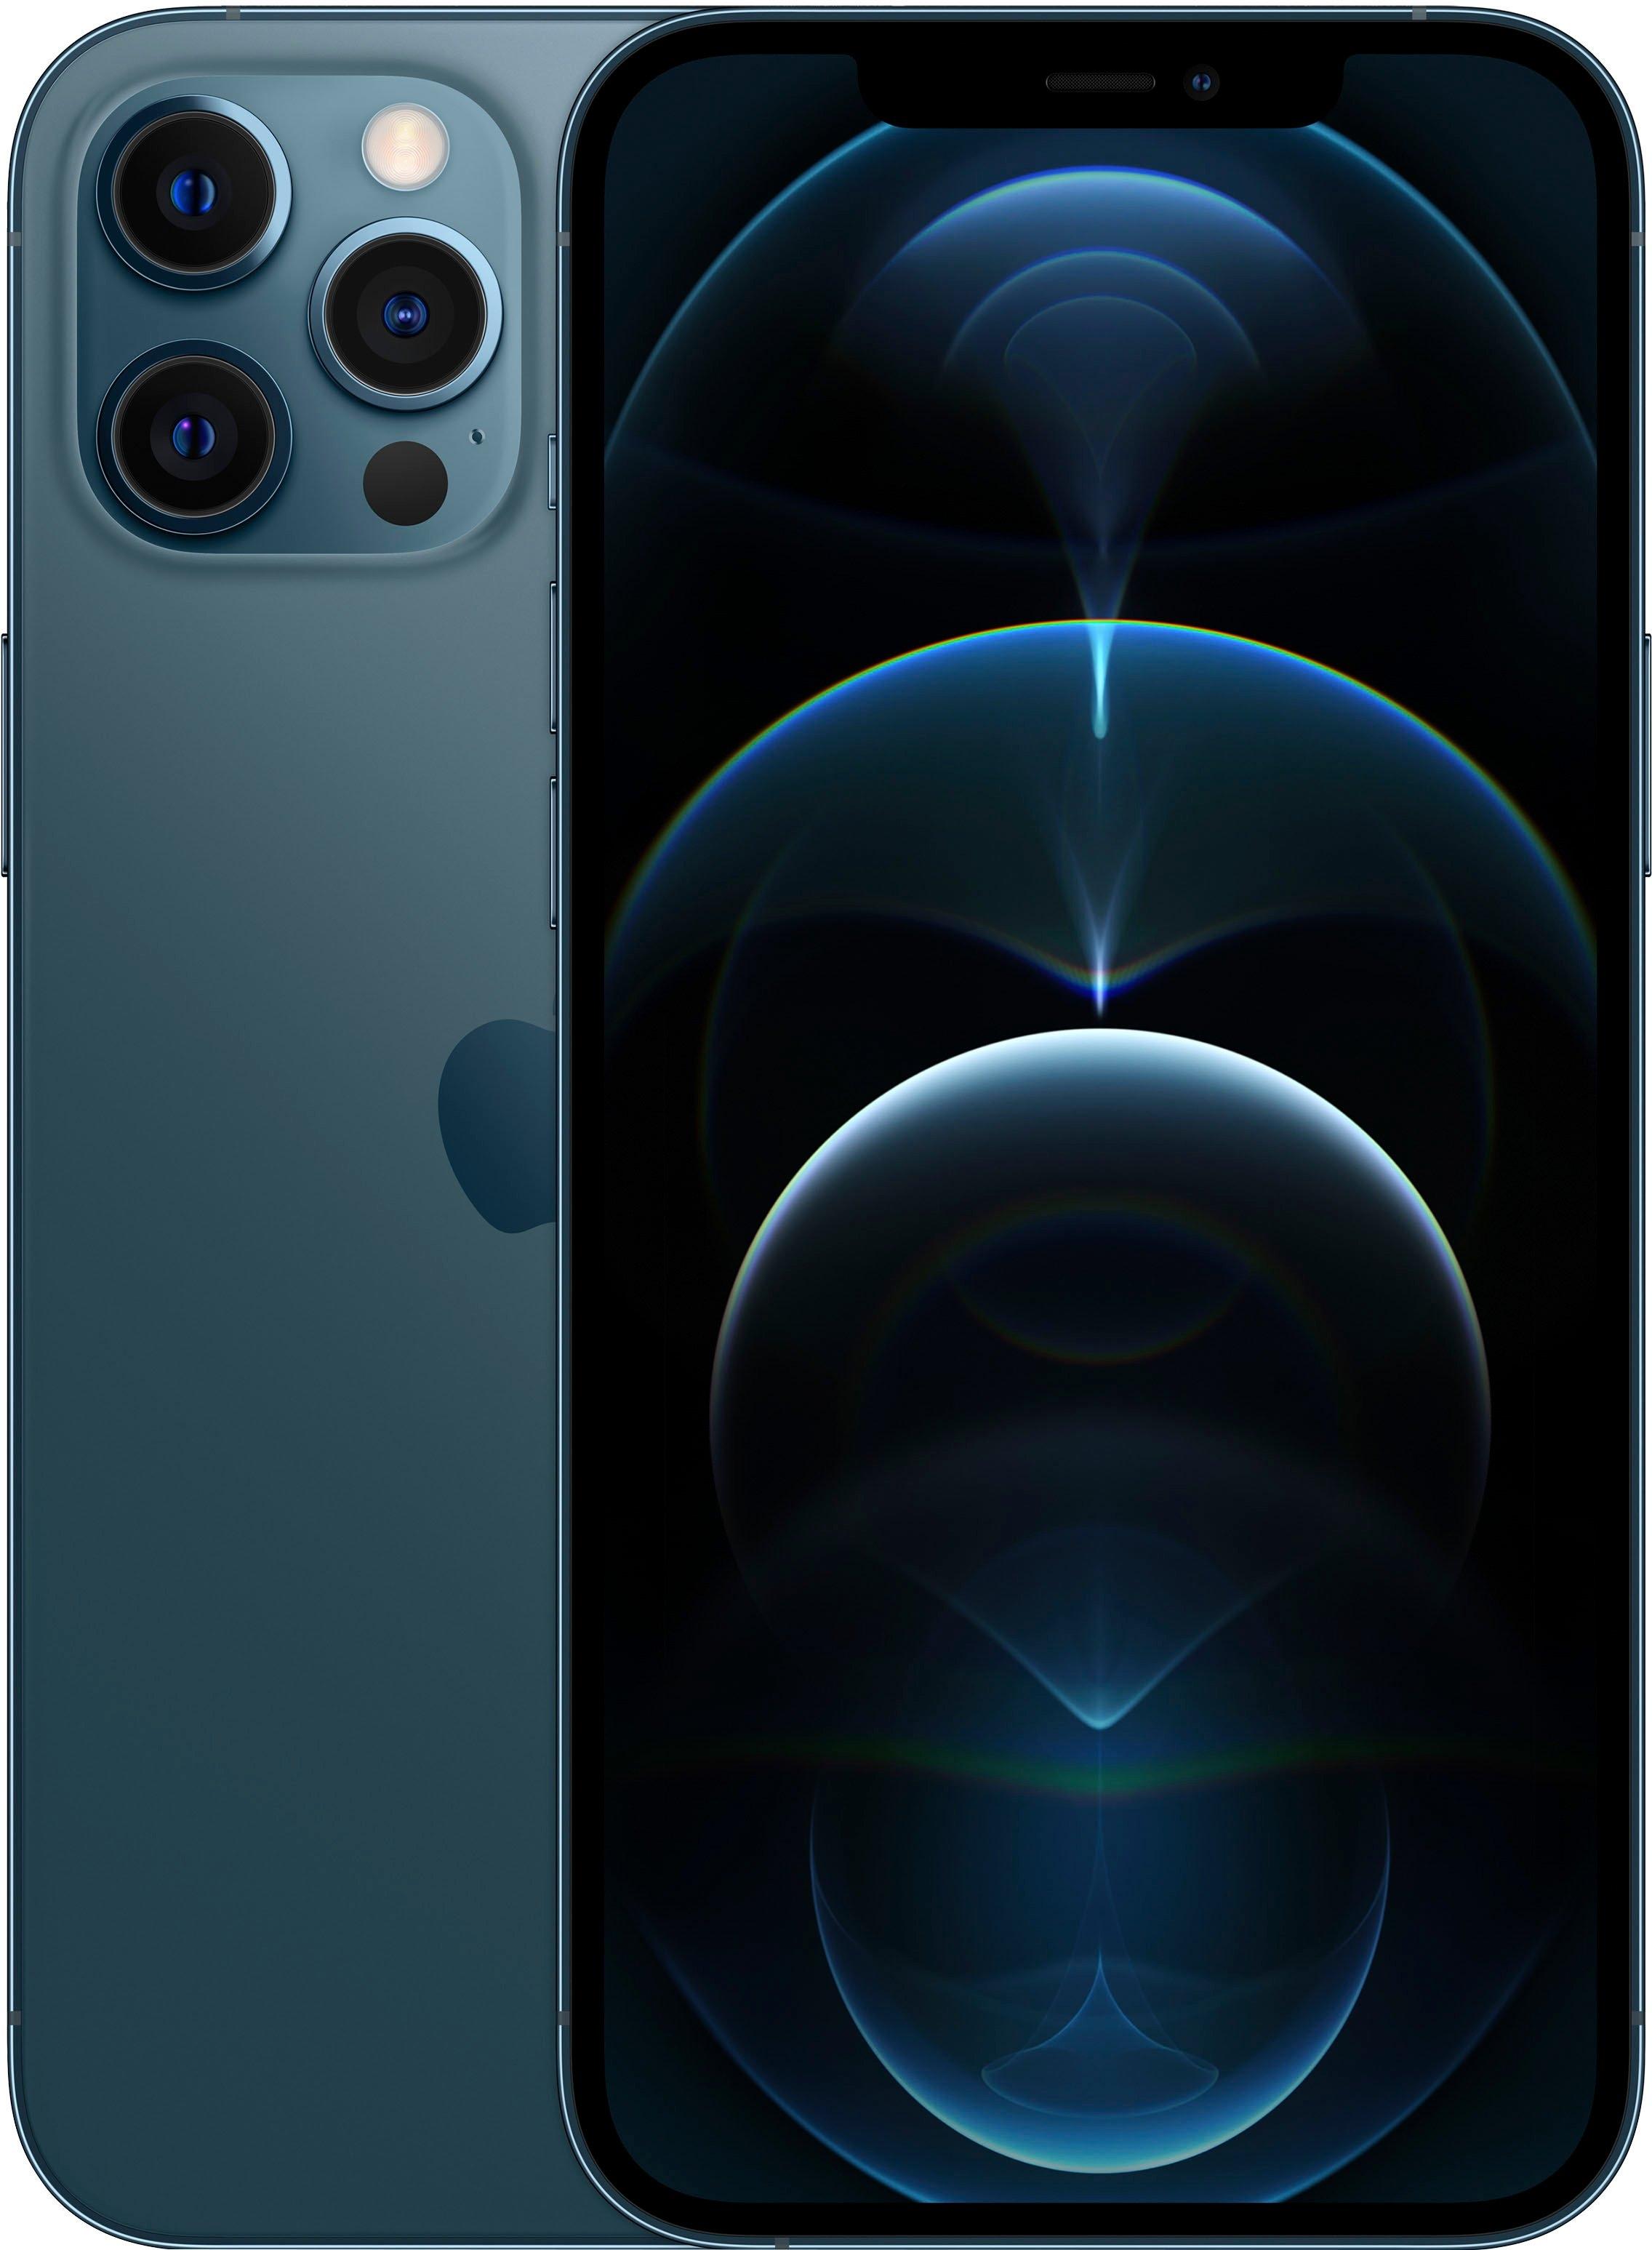 Apple smartphone IPhone 12 Pro Max - 128GB, 128 GB, zonder stroom-adapter en hoofdtelefoon, compatibel met airpods, airpods pro, earpods hoofdtelefoon - verschillende betaalmethodes